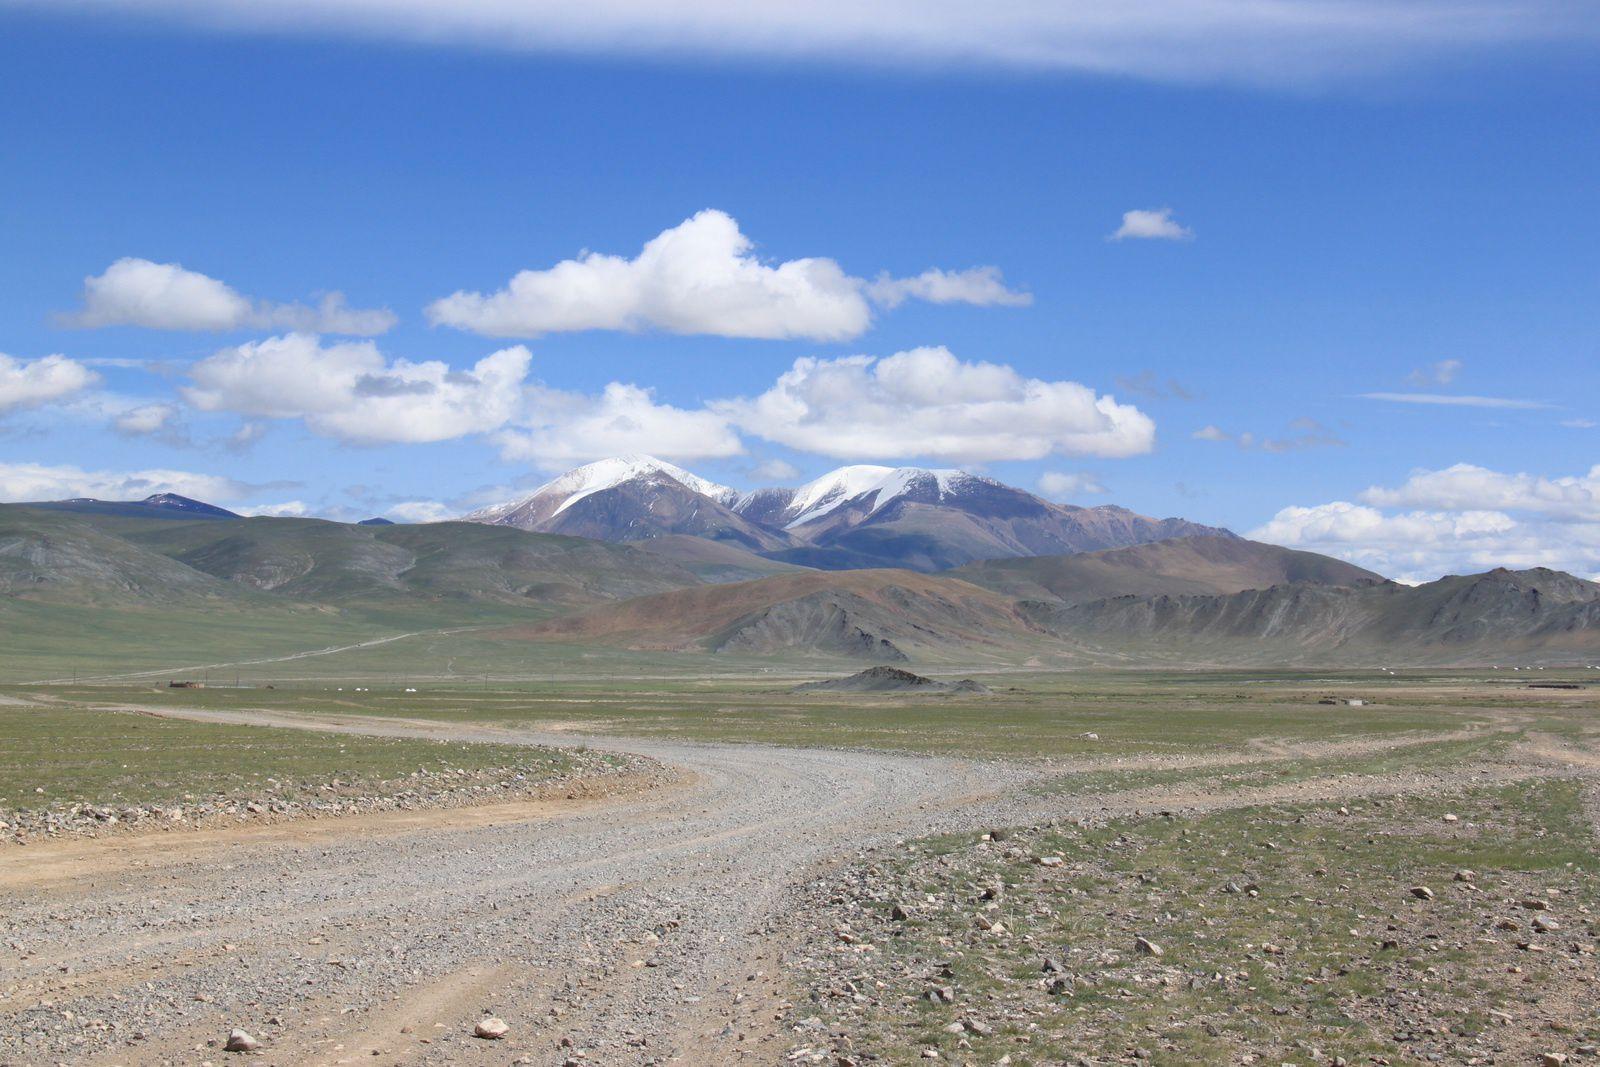 Olgii - Khovd : 238 km